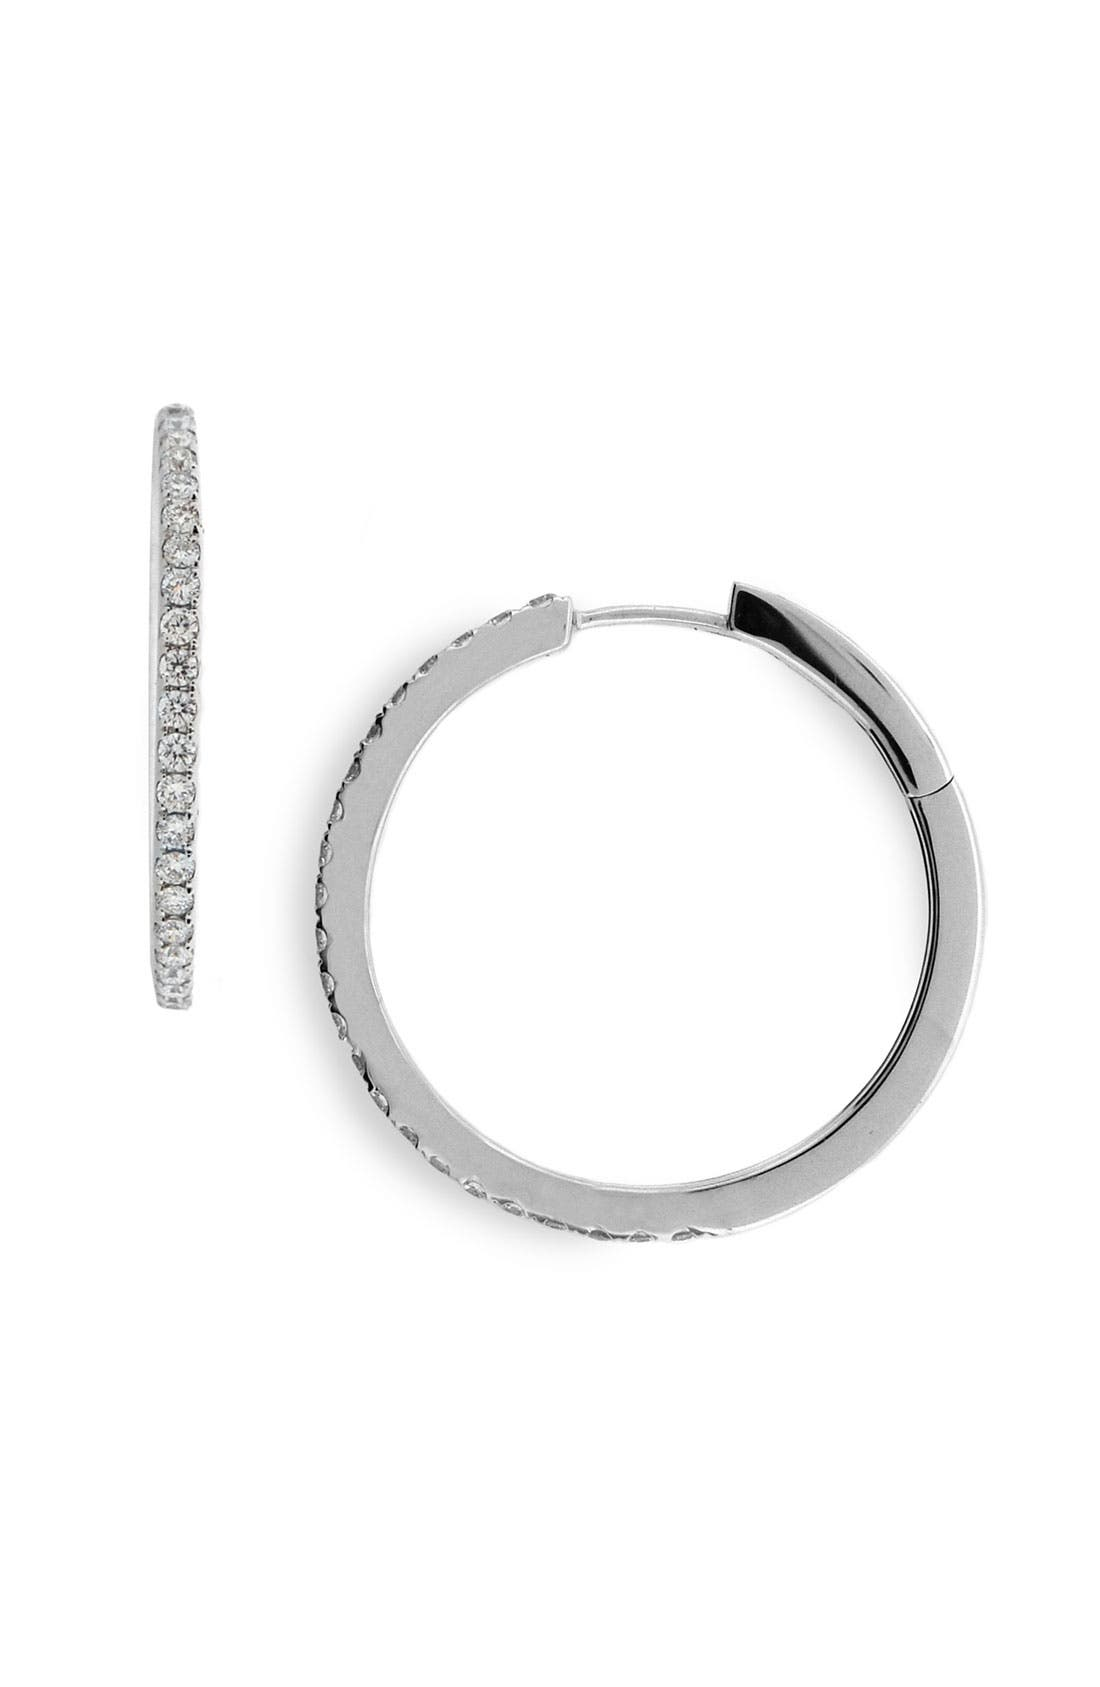 Alternate Image 1 Selected - Bony Levy 25mm Diamond Hoop Earrings (Nordstrom Exclusive)